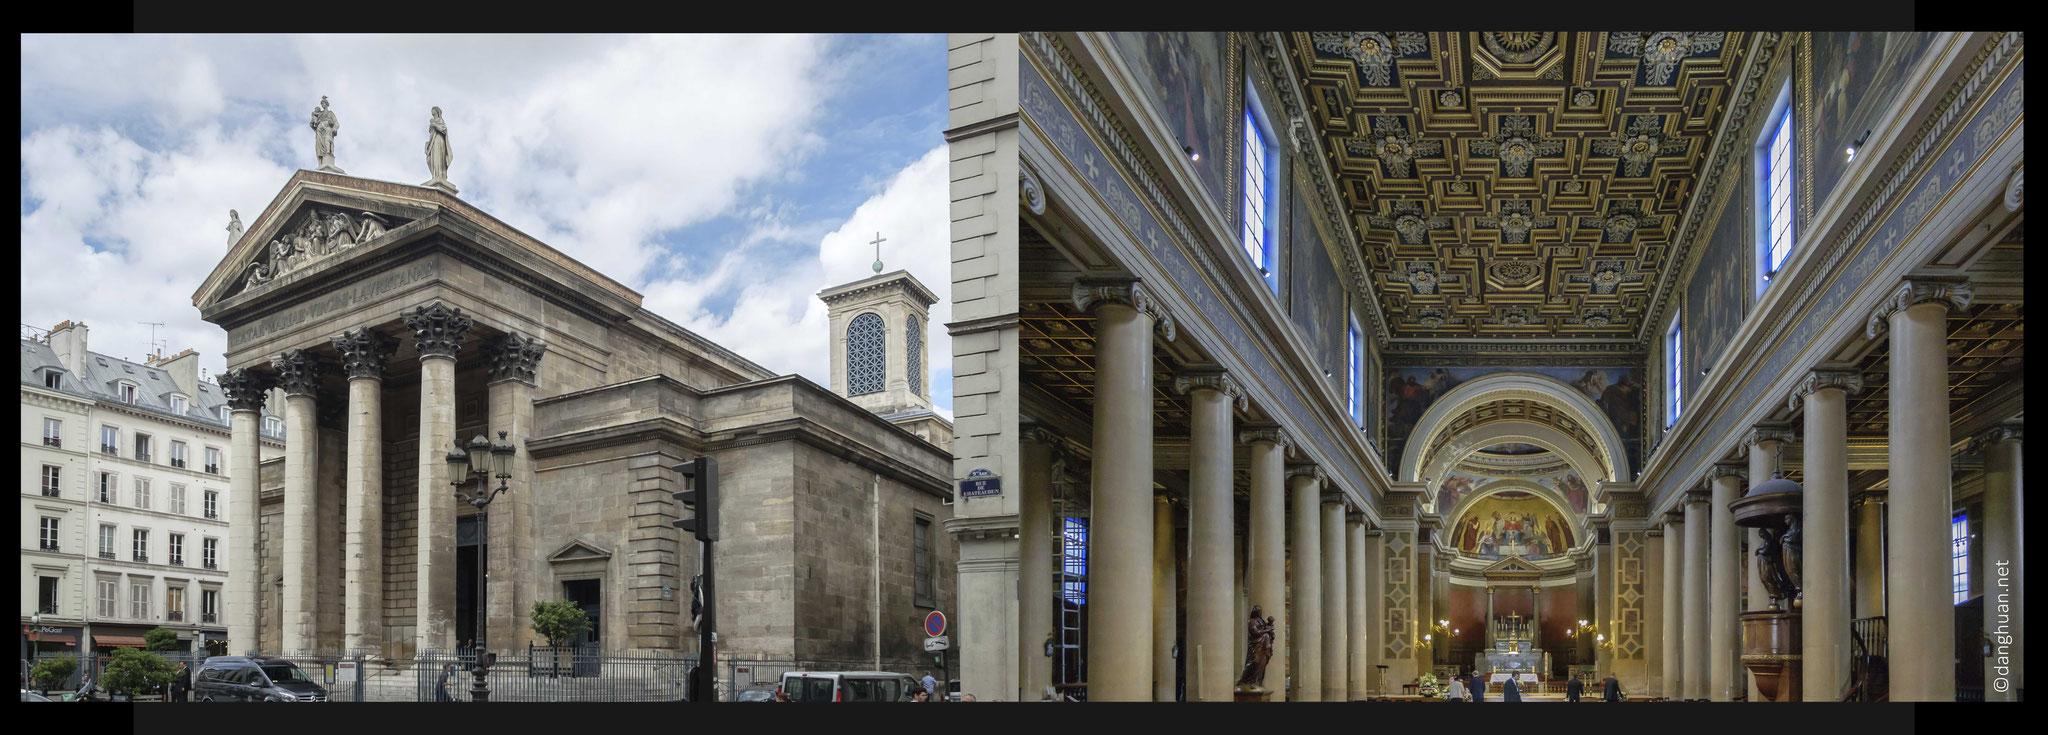 l'église de Notre-Dame-de-Lorette, construite par l'architecte Hippolyte Lebas, qui avait Théodore Ballu pour élève